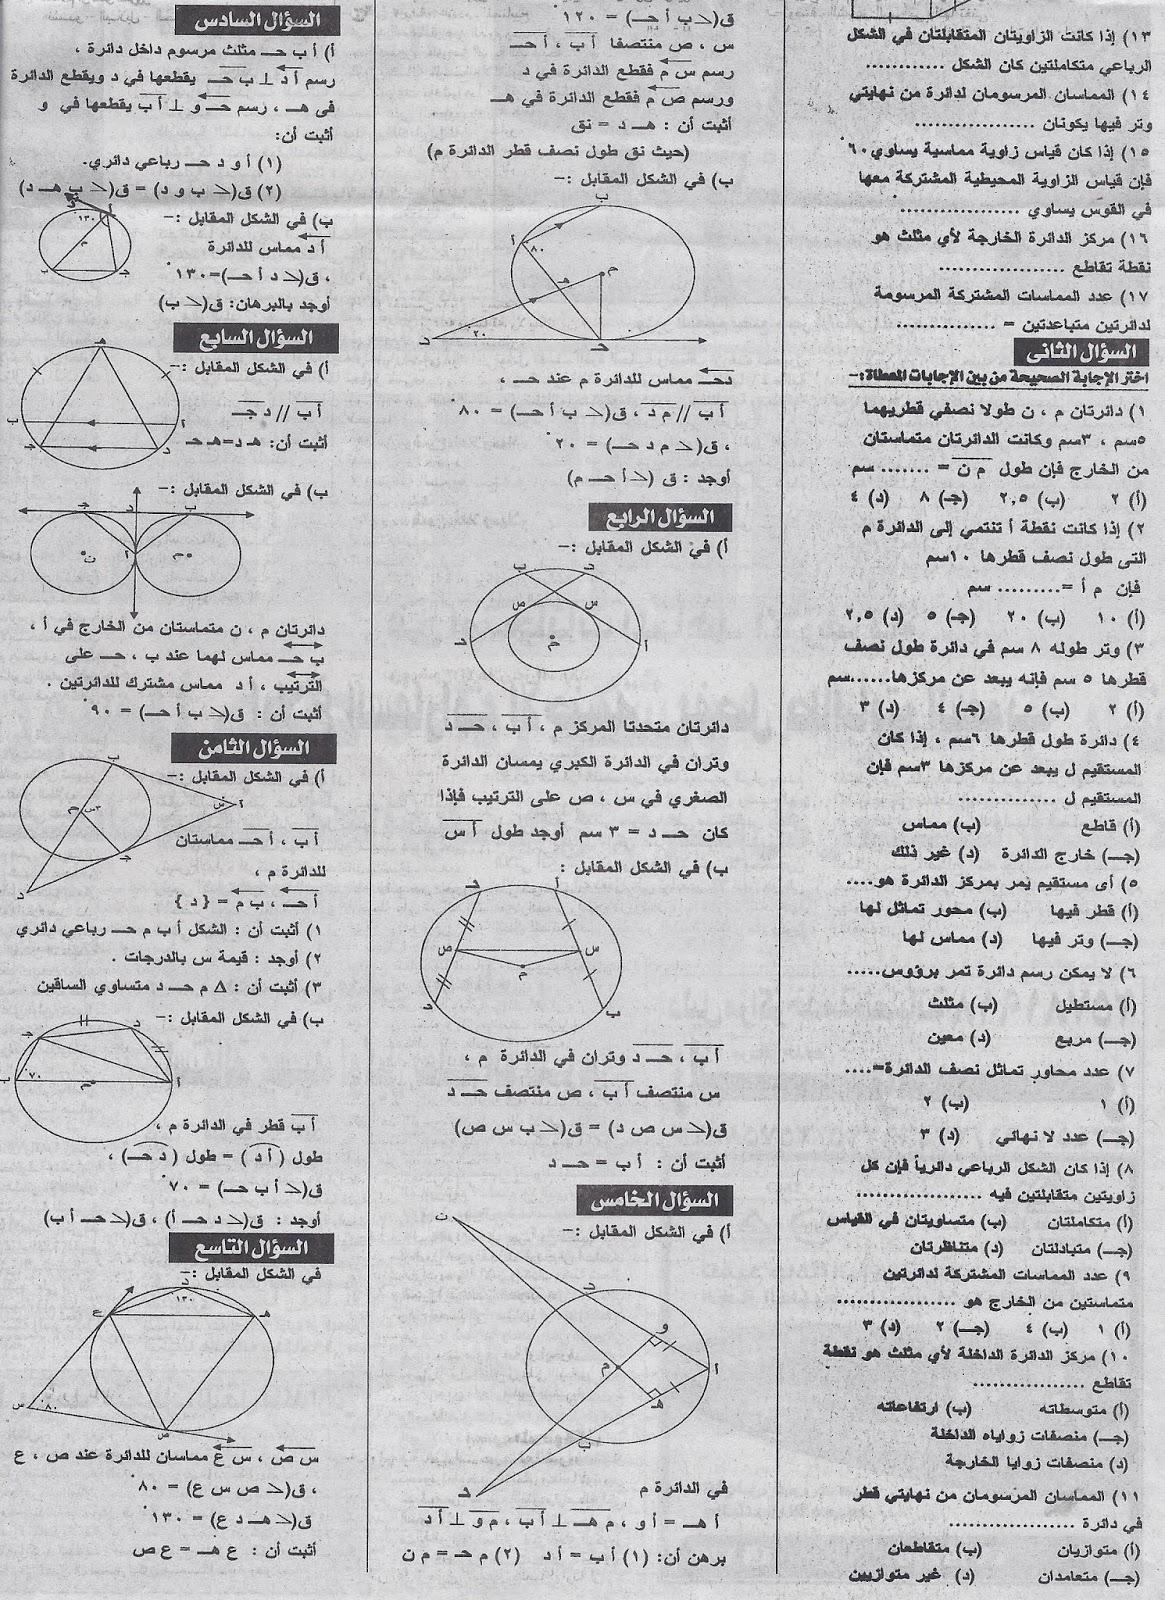 الاسئلة المتوقعة فى الهندسة واجاباتها النموذجية للشهادة الاعدادية الترم الثانى مصر scan0004.jpg